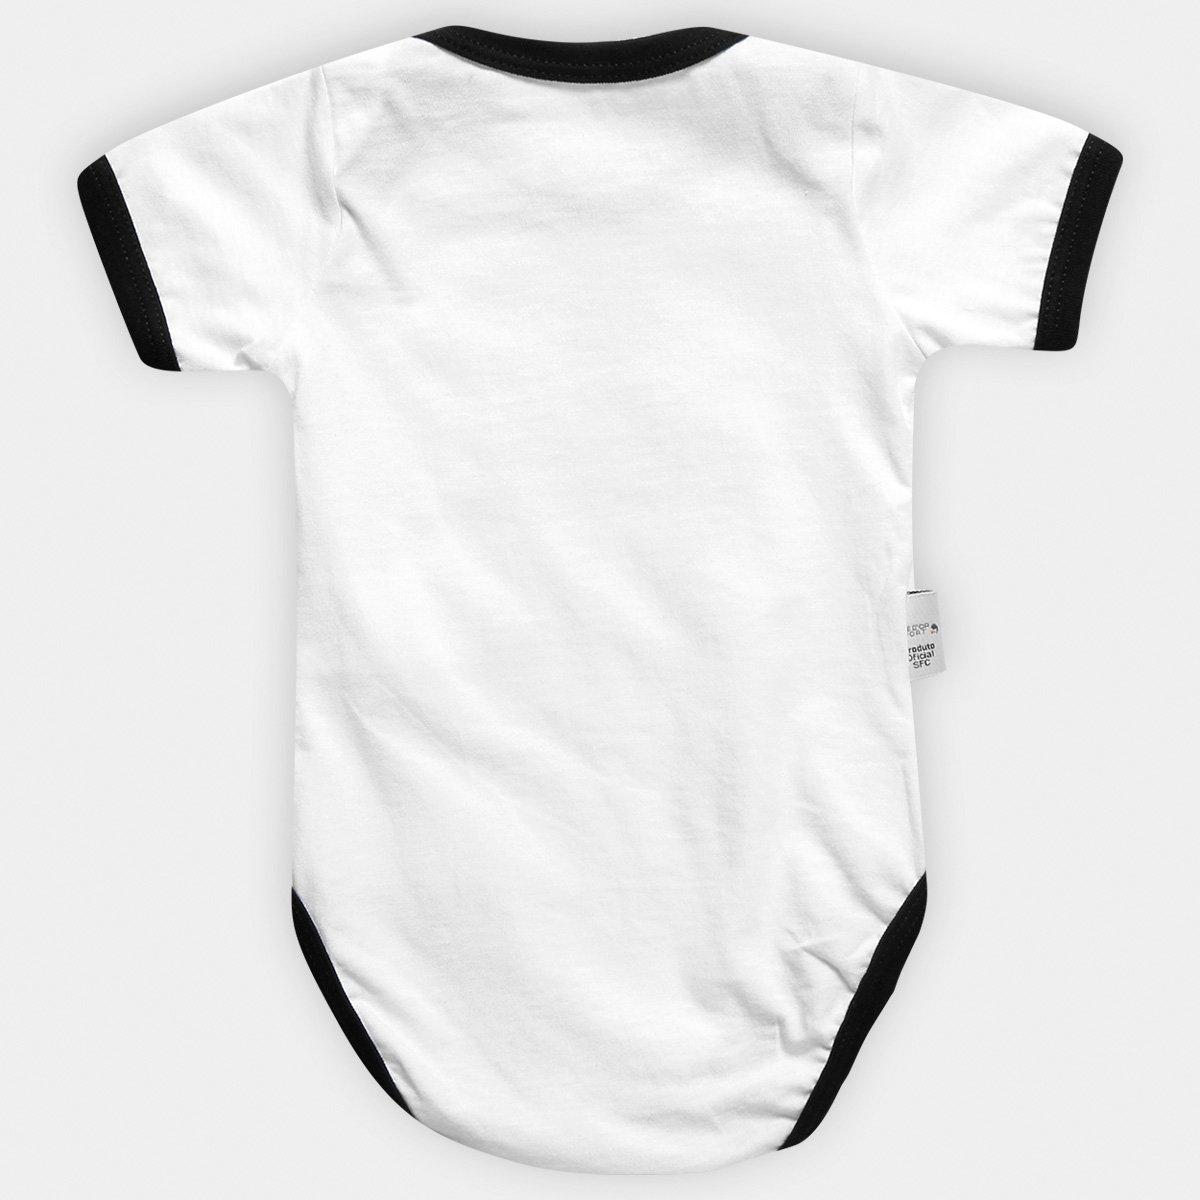 Body Santos Infantil Oficial Bebê - Branco e Preto - Compre Agora ... 8eacc2b9c8b89